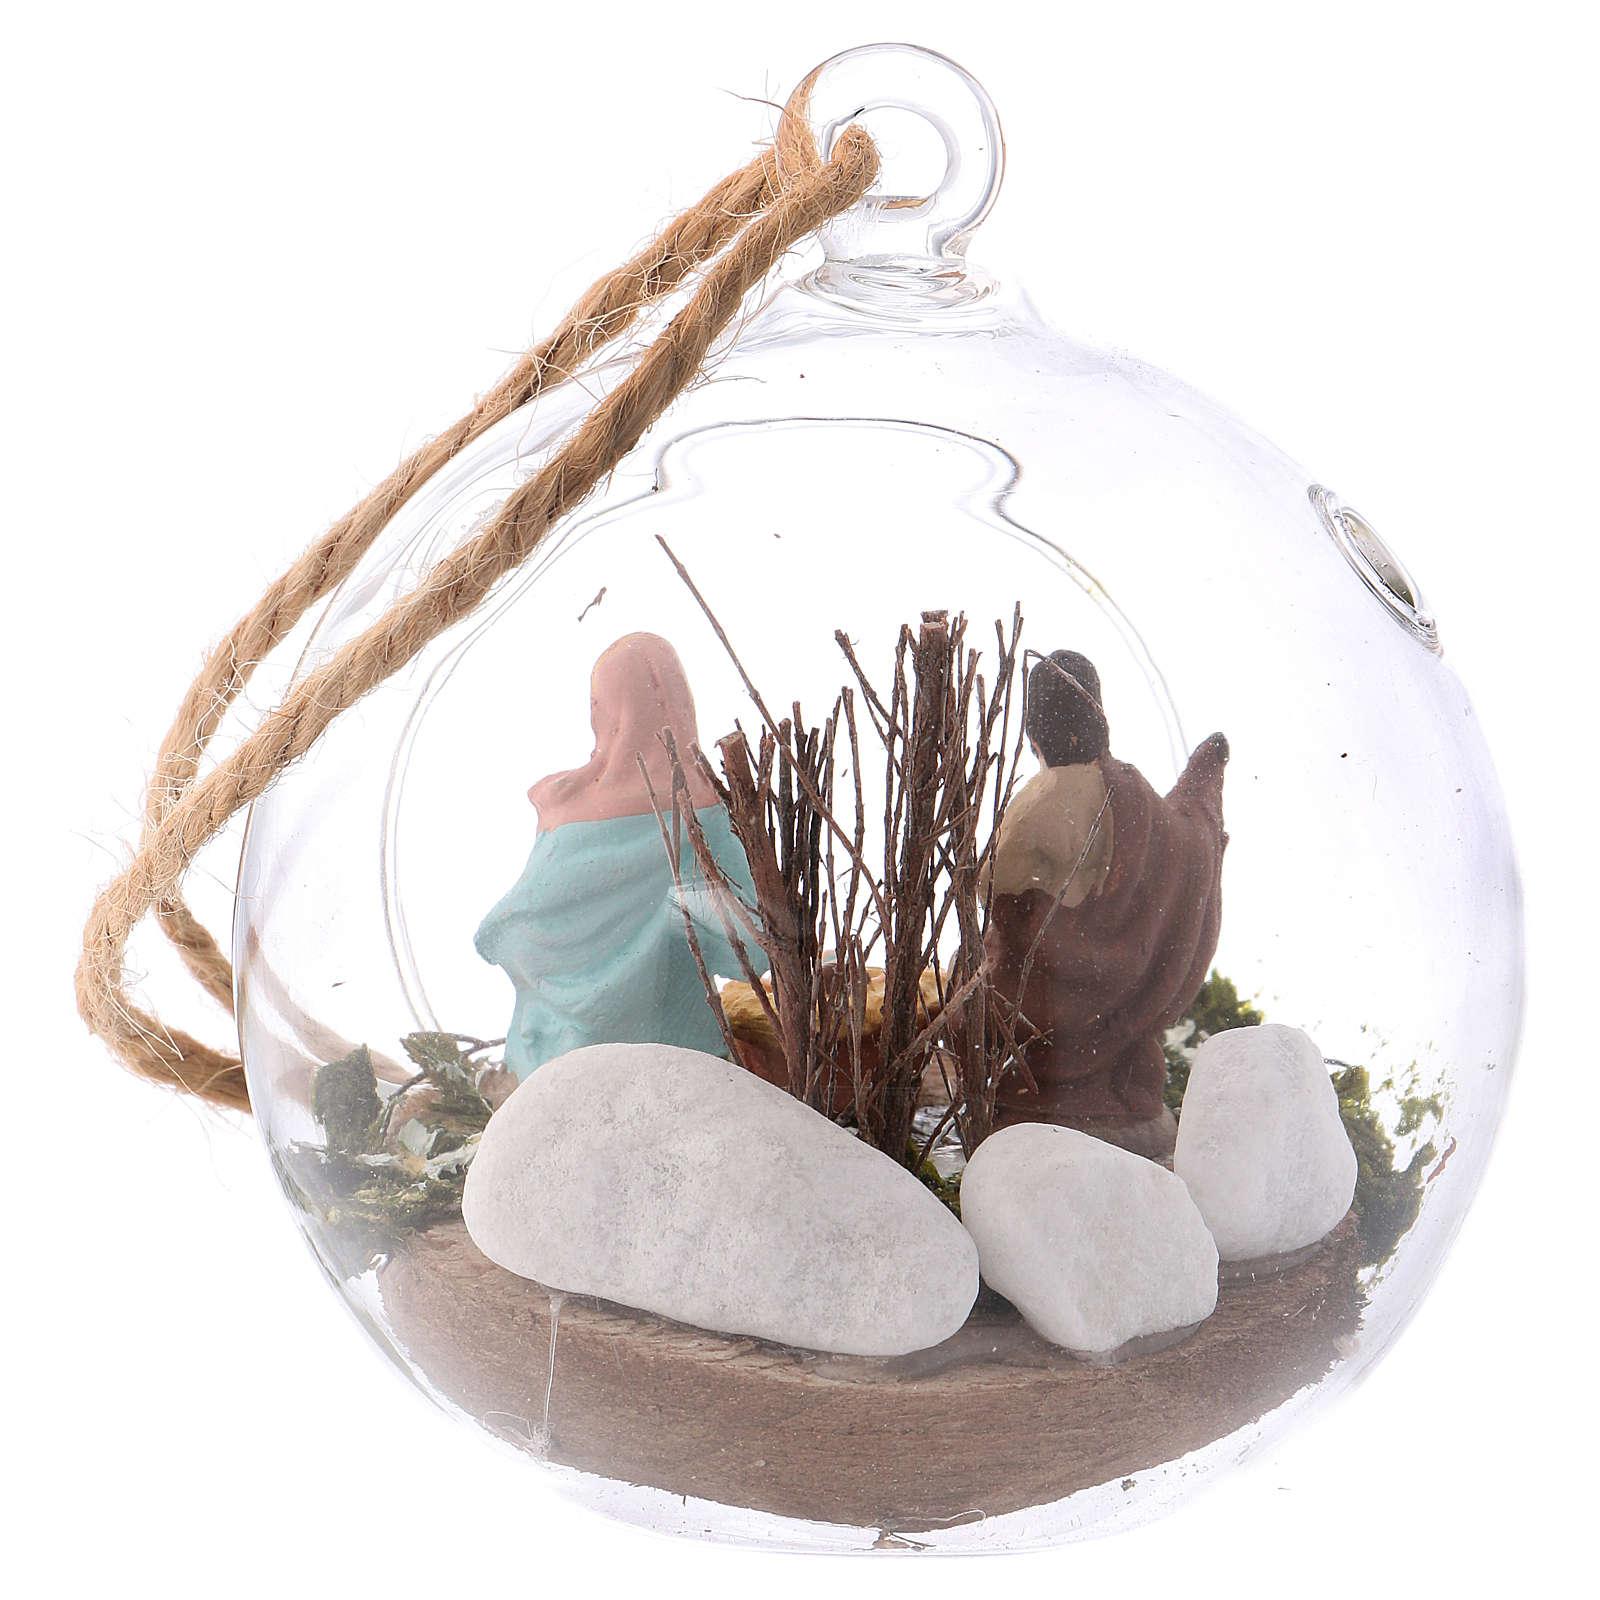 Nativity 4 cm Deruta terracotta inside a glass sphere, 10x10x10 cm 4